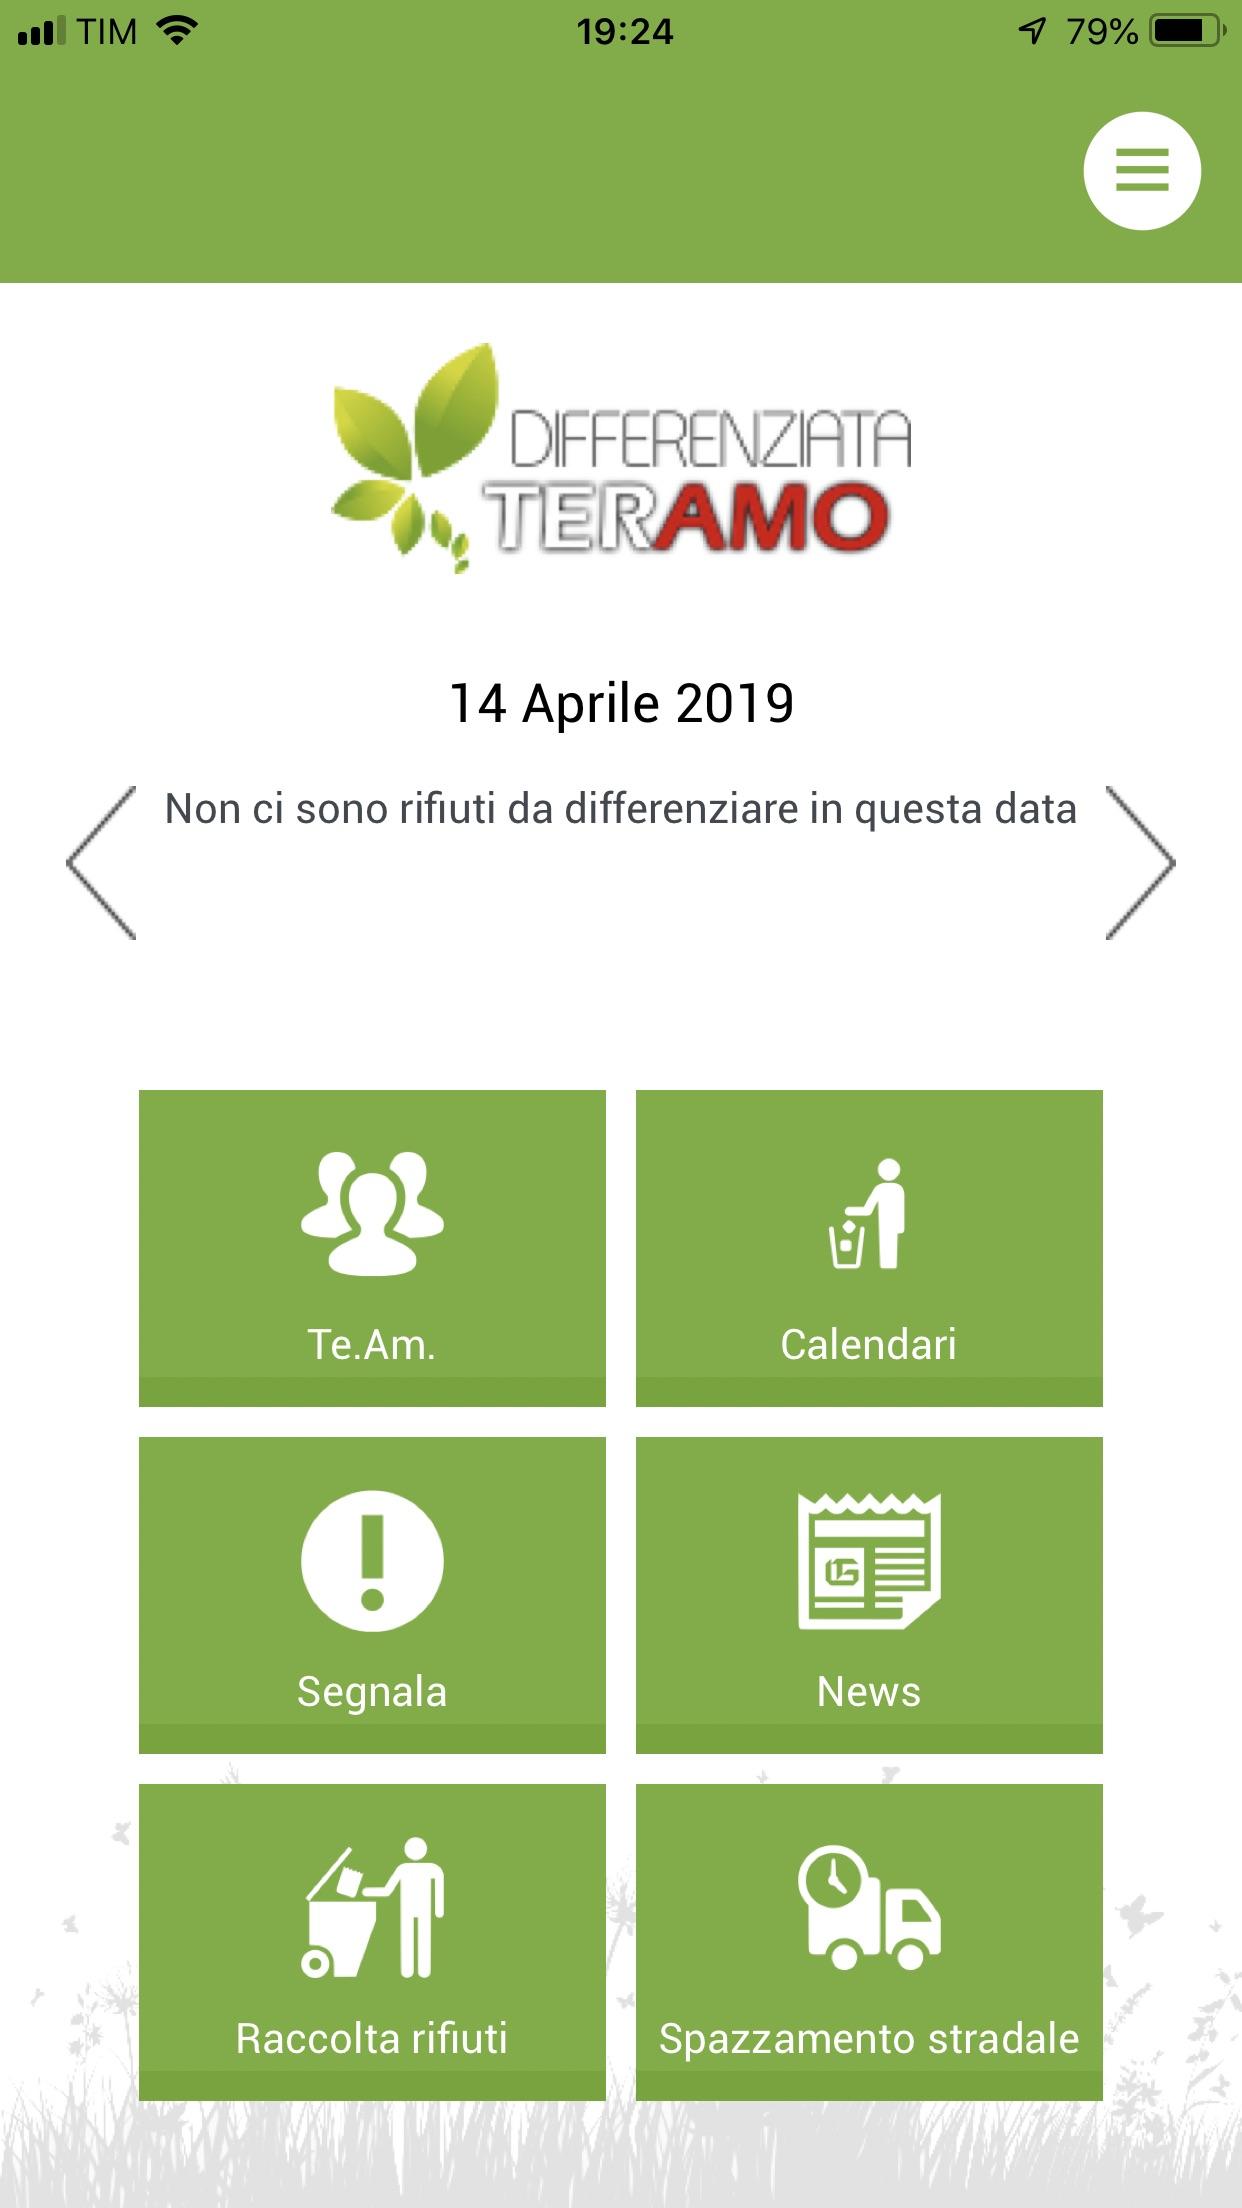 Teramo Ambiente Calendario.Certa Stampa Team E Finalmente Arrivata L App Della